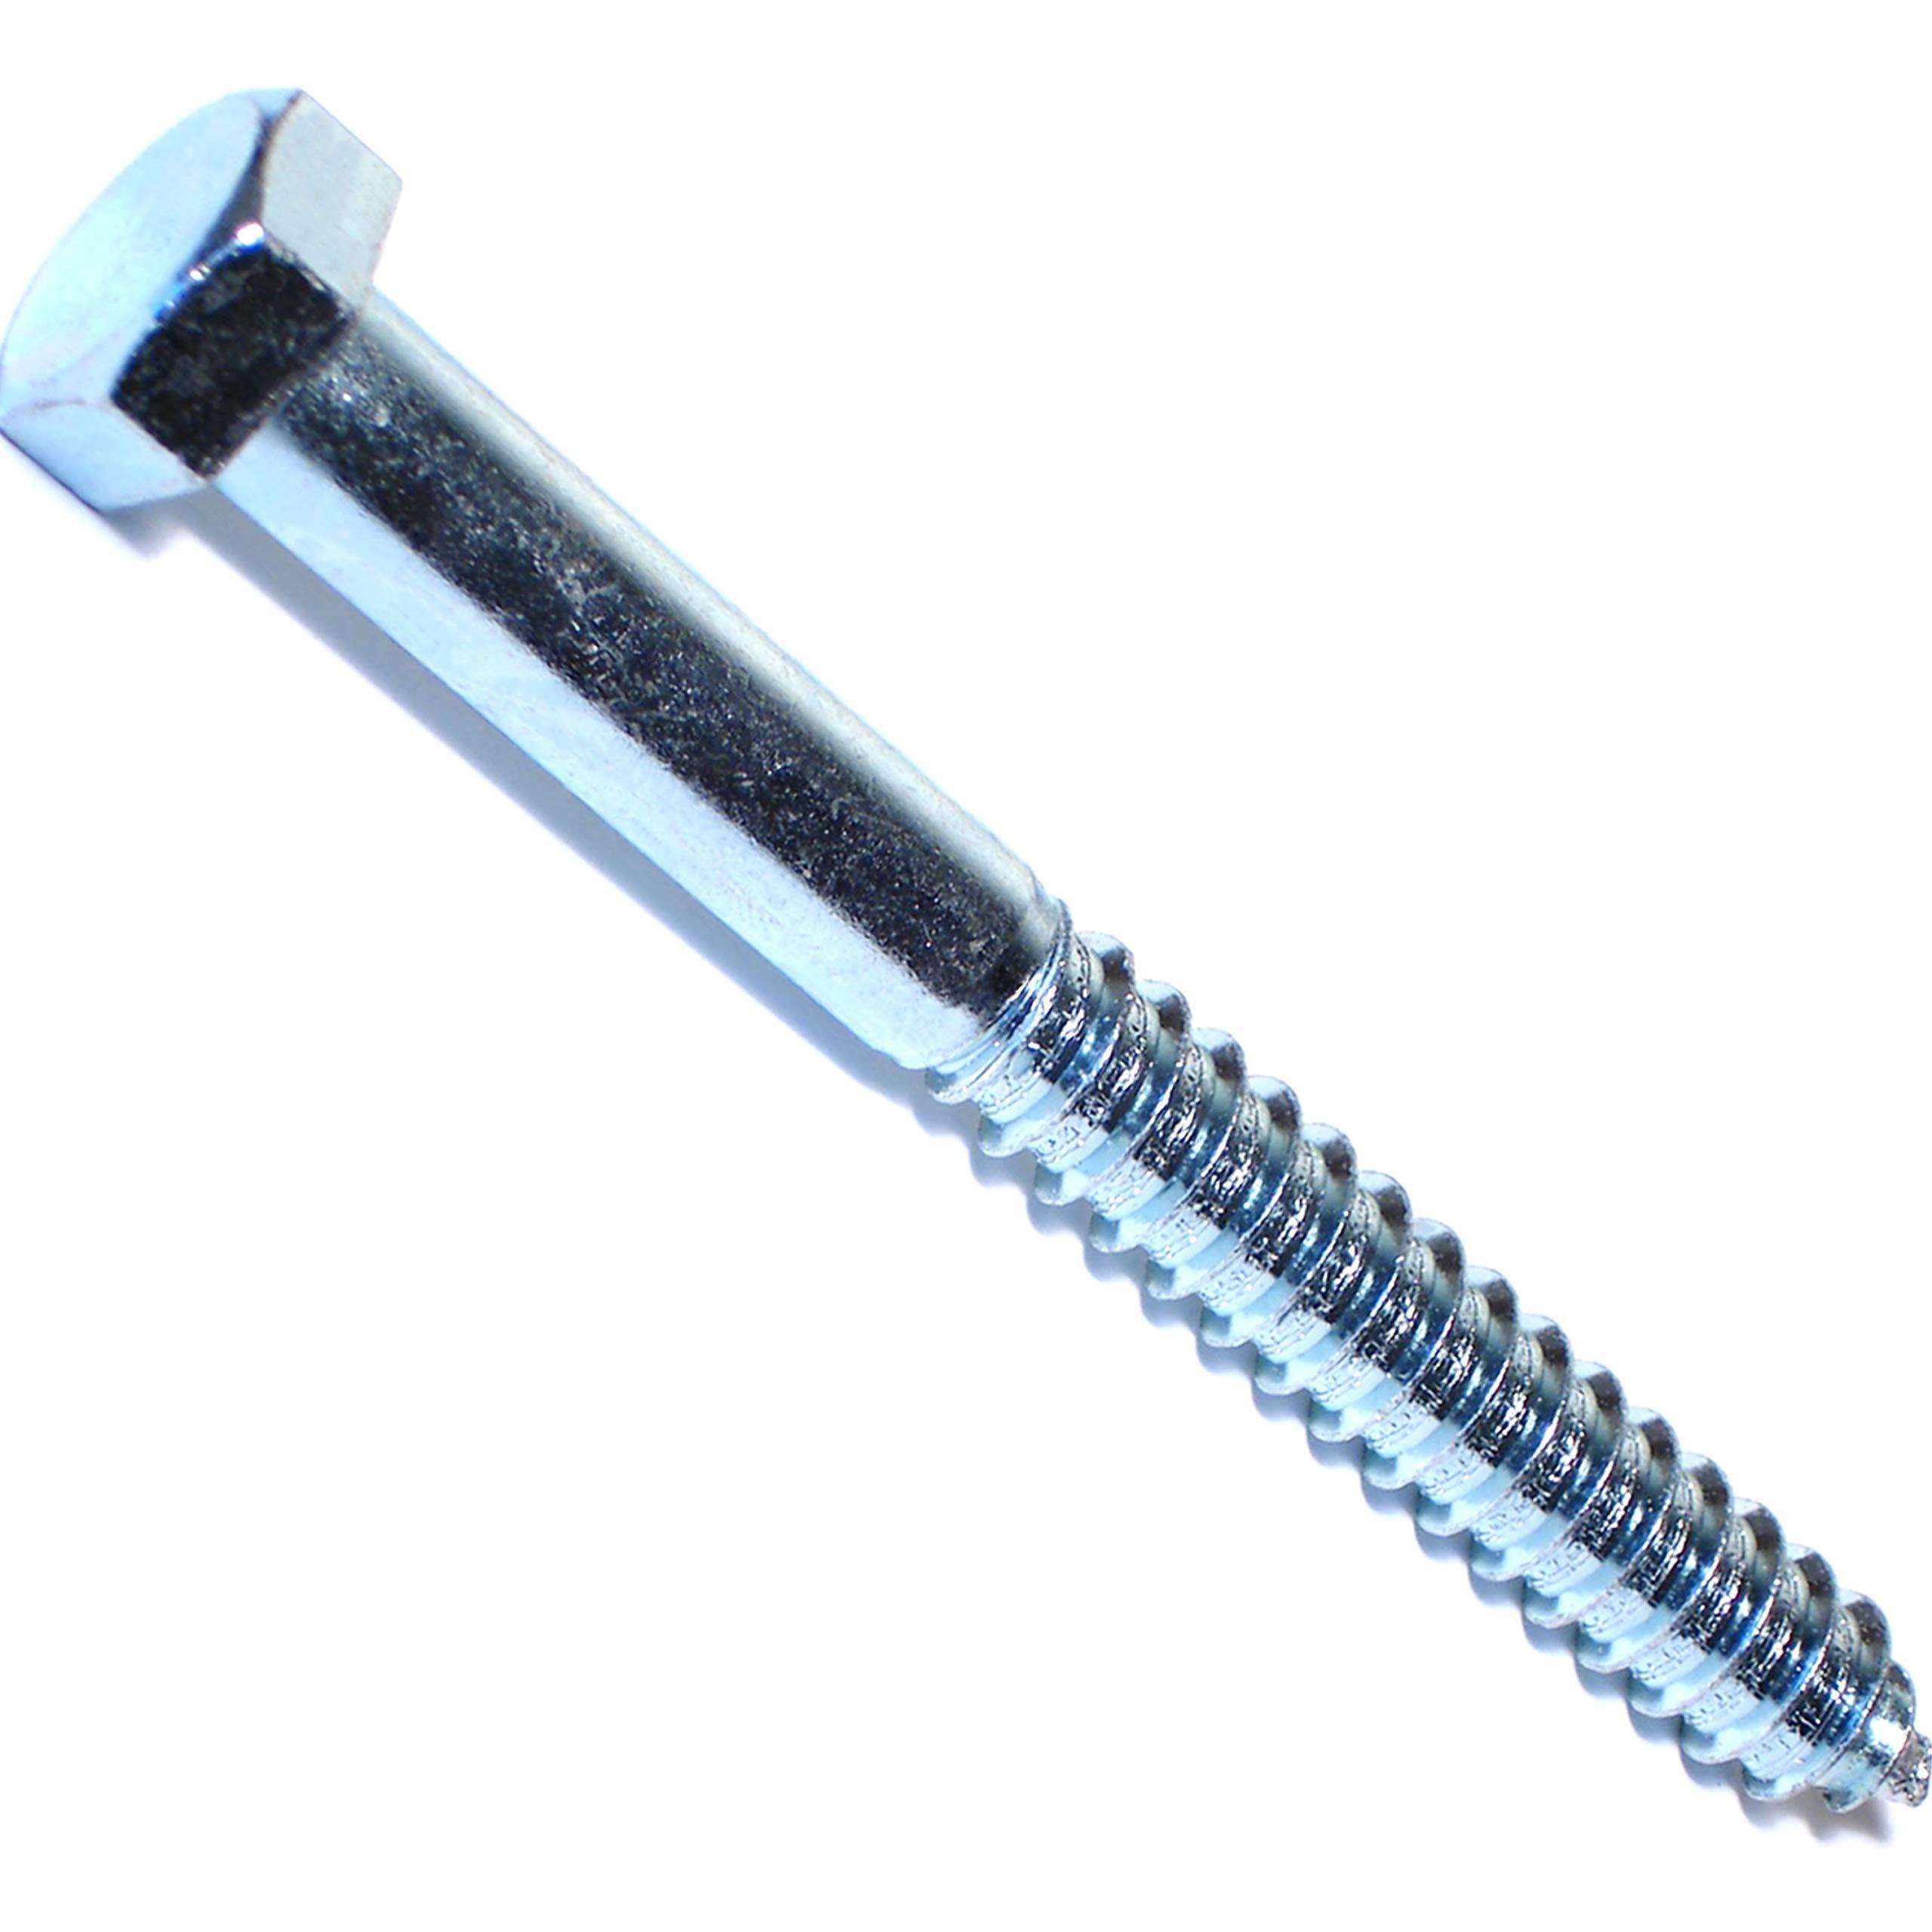 Hard-to-Find Fastener 014973260842 Hex Lag Screws, 5/8 x 6, Piece-25